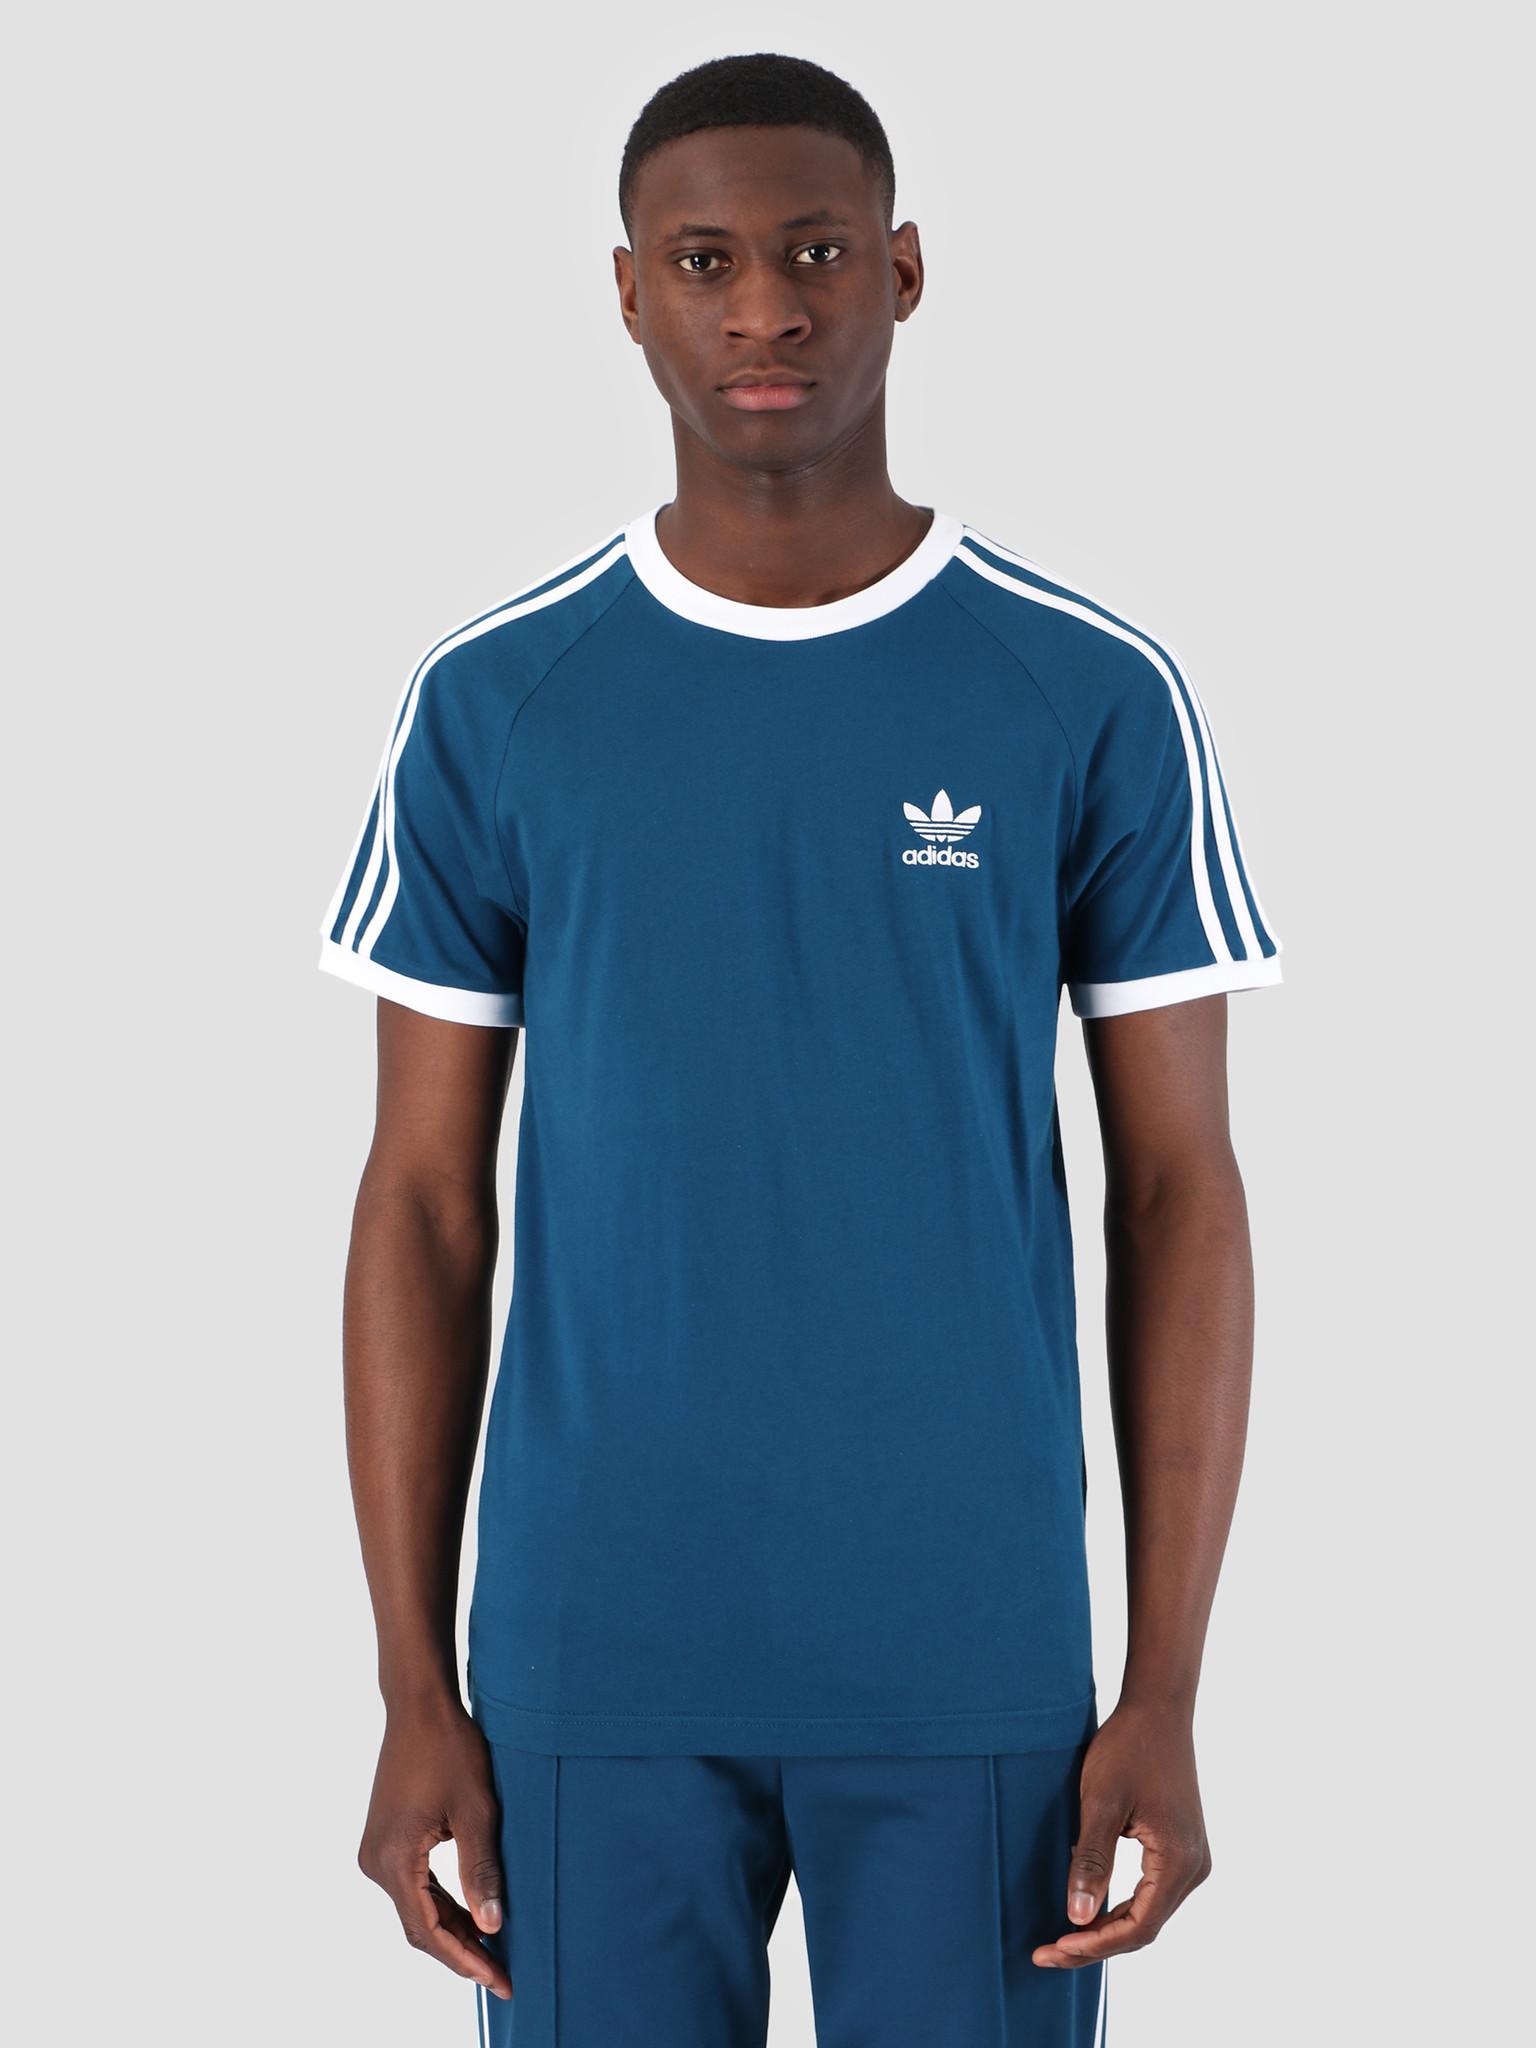 a197549f526 adidas adidas 3-Stripes T-Shirt Legmar DV1564